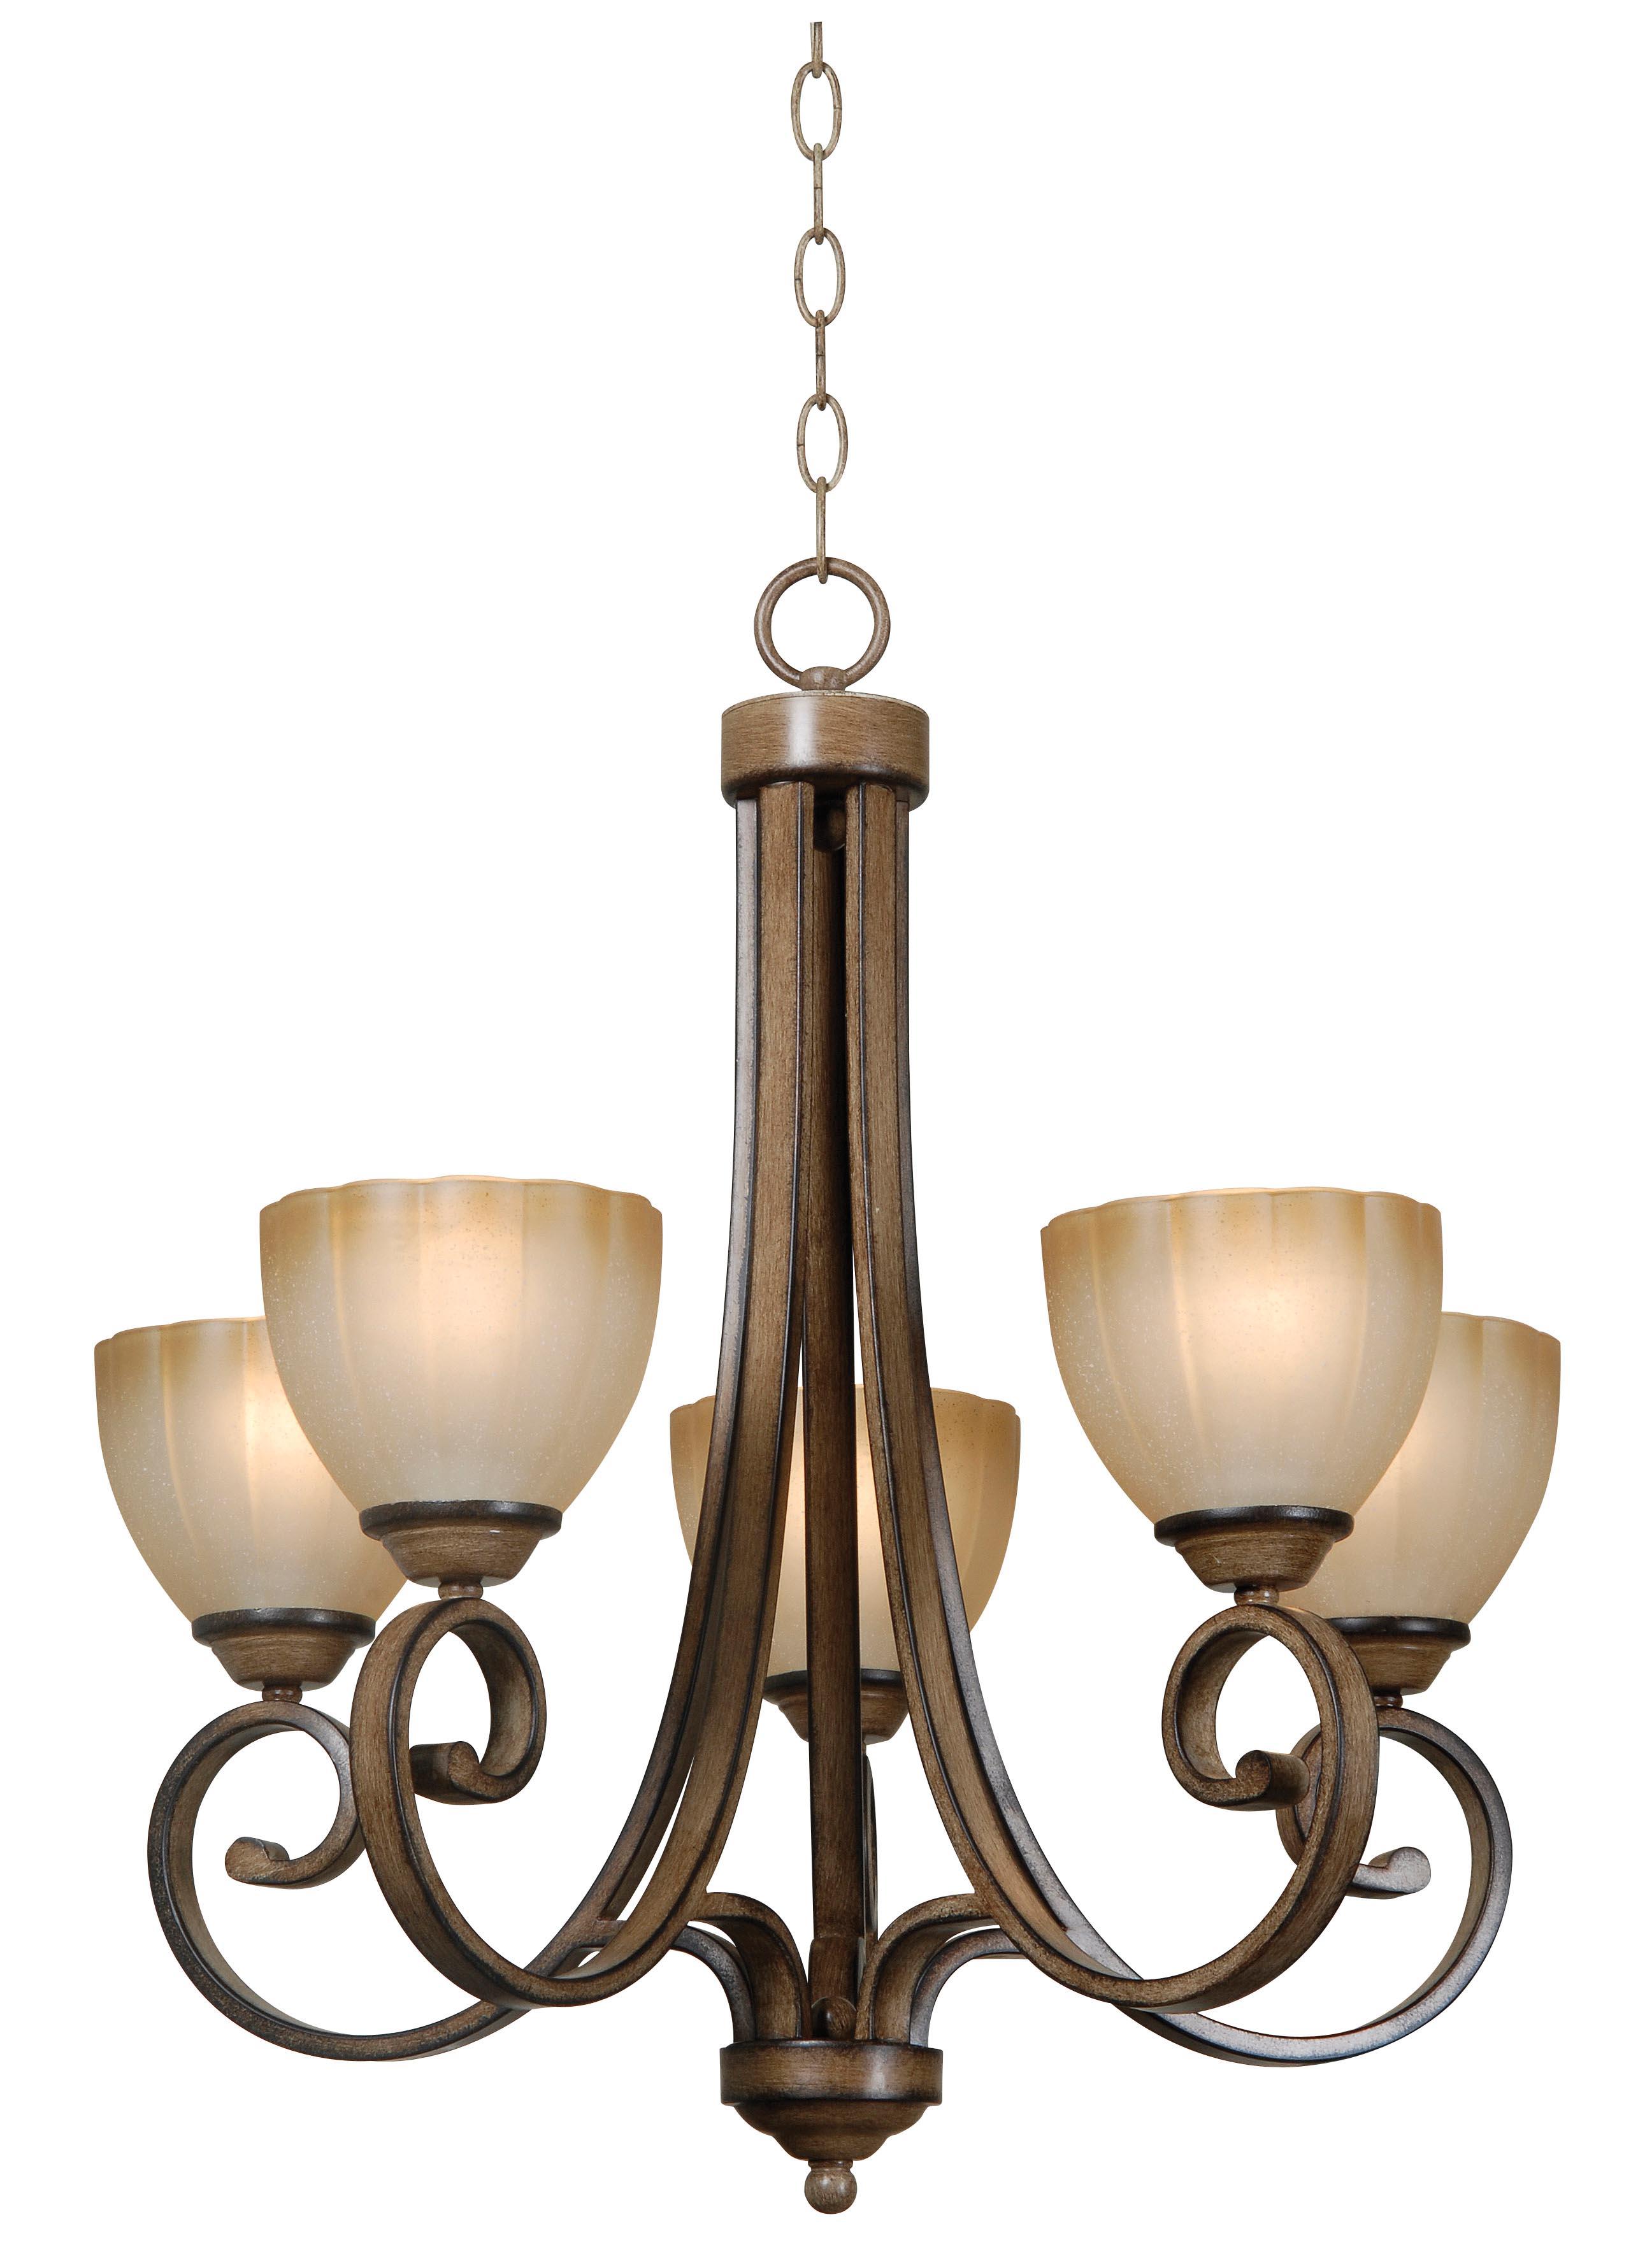 ingrosso lampadari : Ingrosso lampadari dipinti-Compra lampadari dipinti lotti da lampadari ...